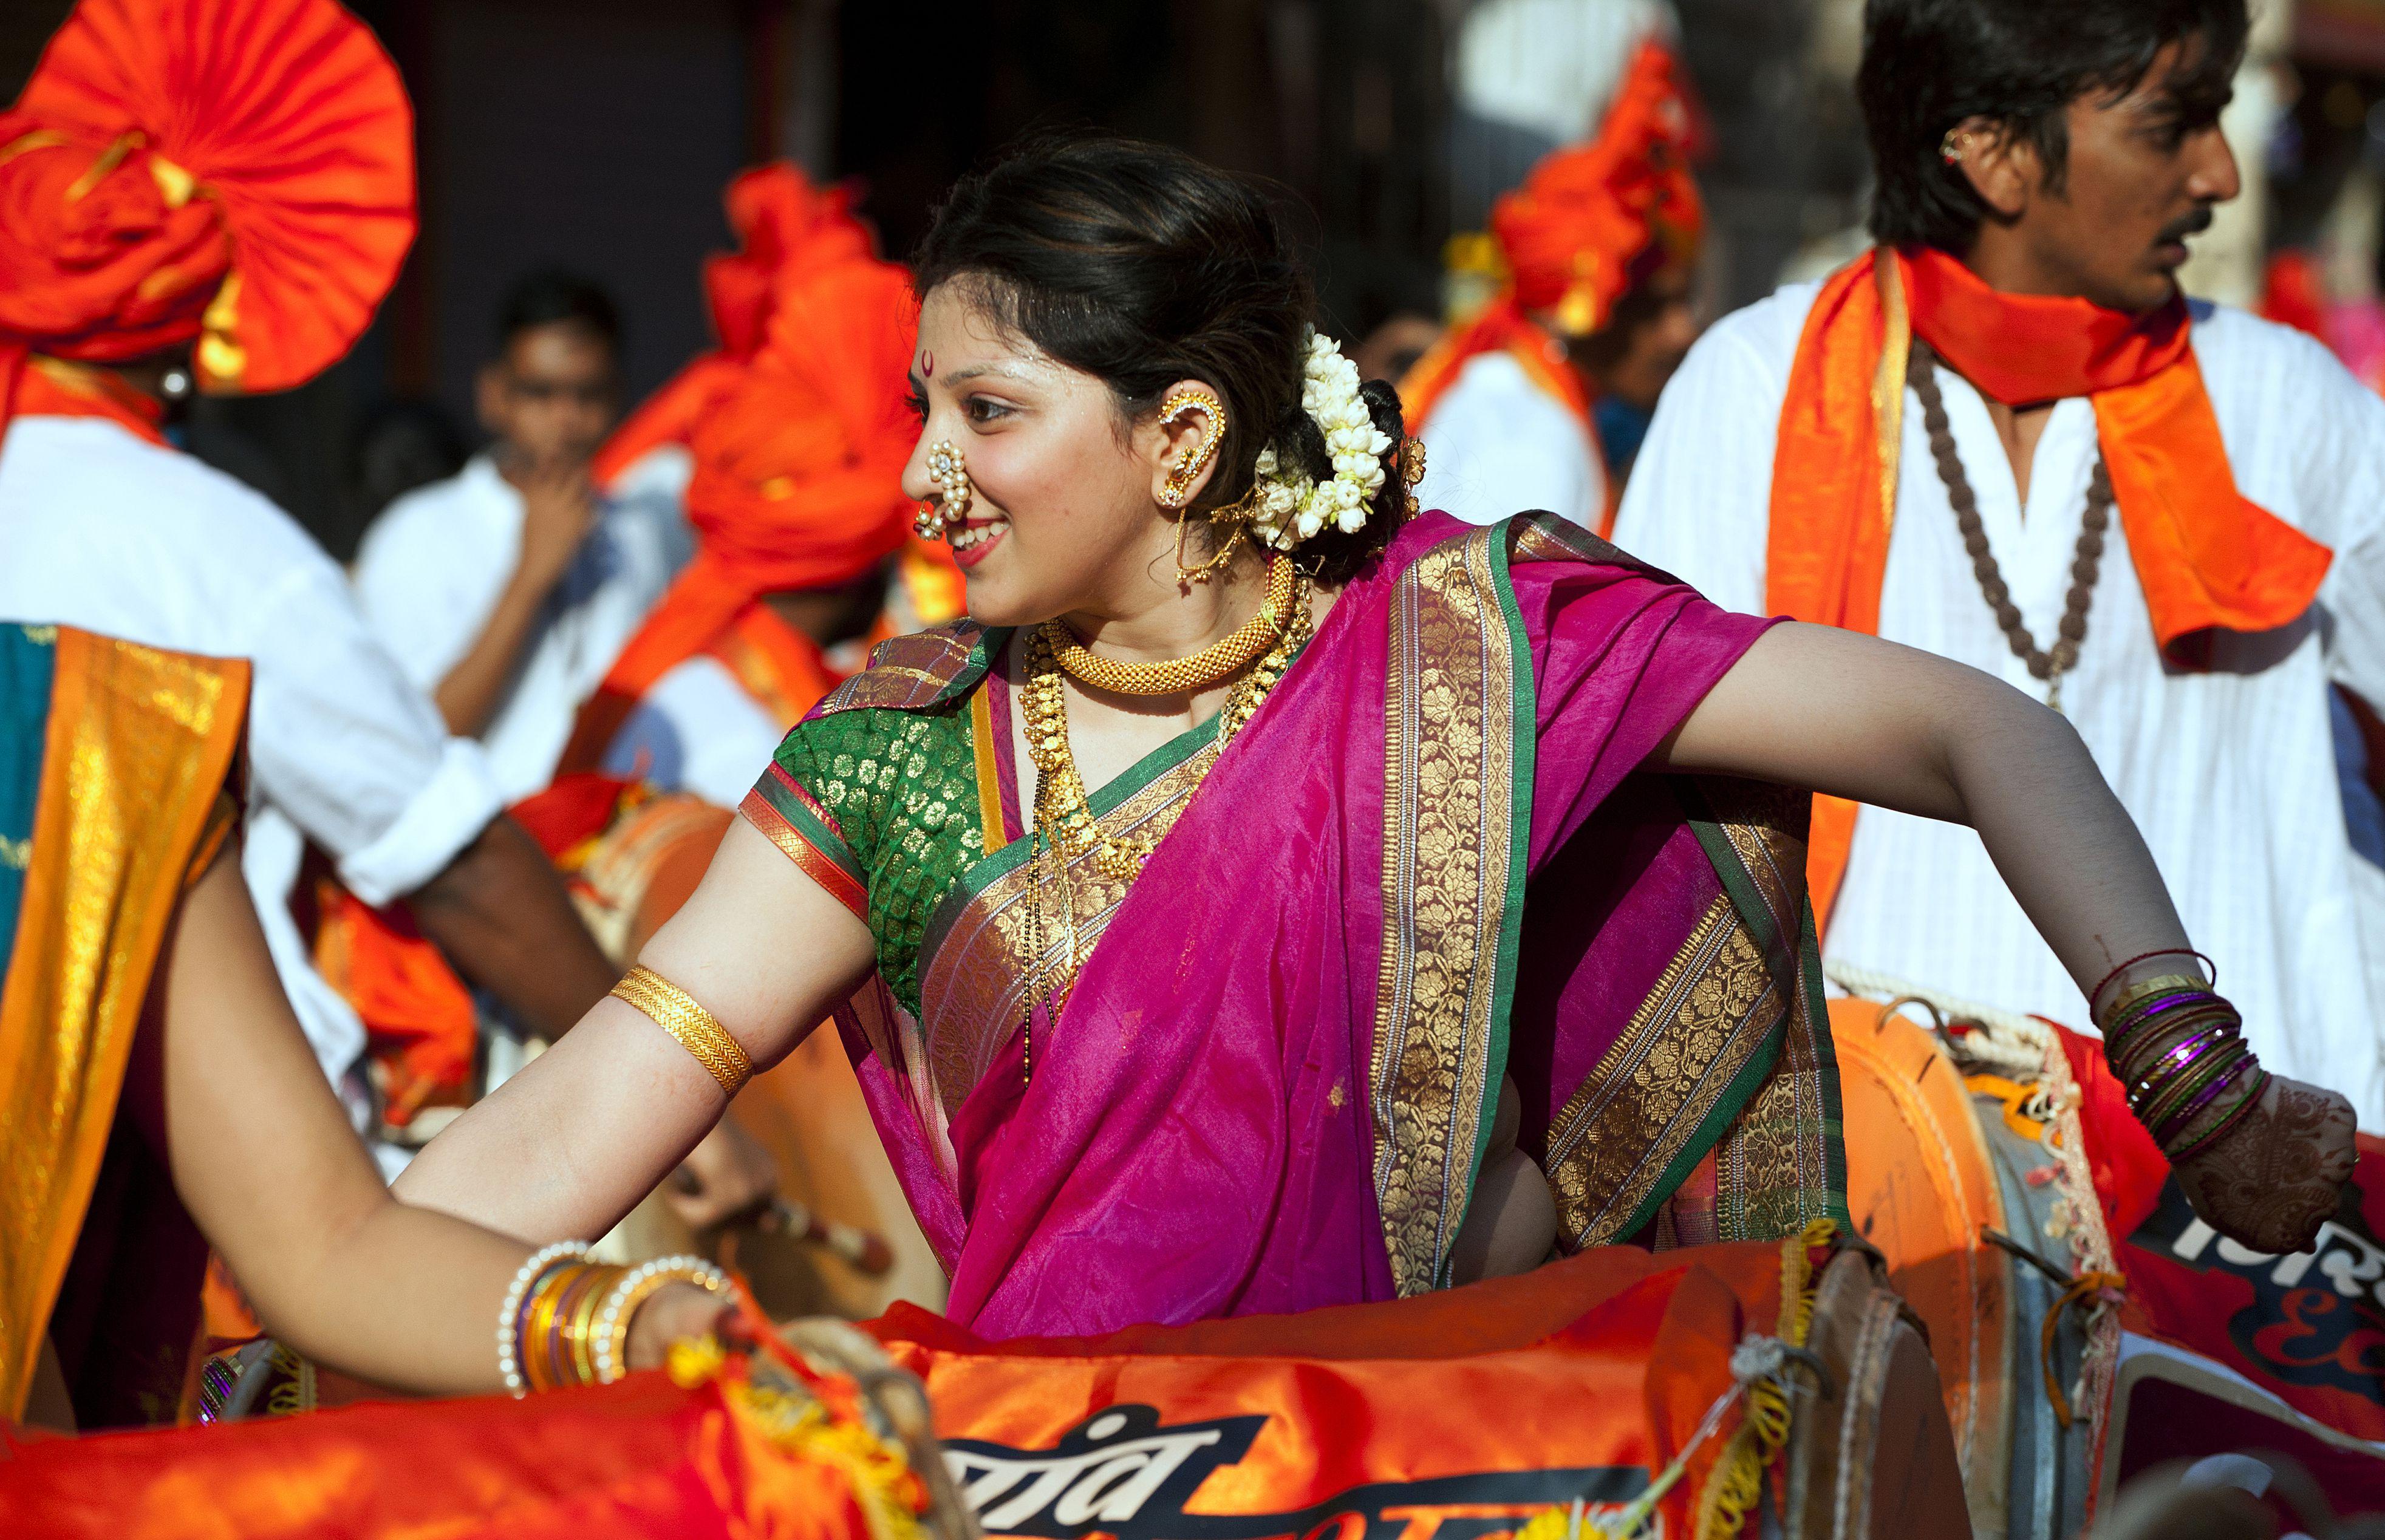 Индуистский новый год. Мумбаи, Индия.